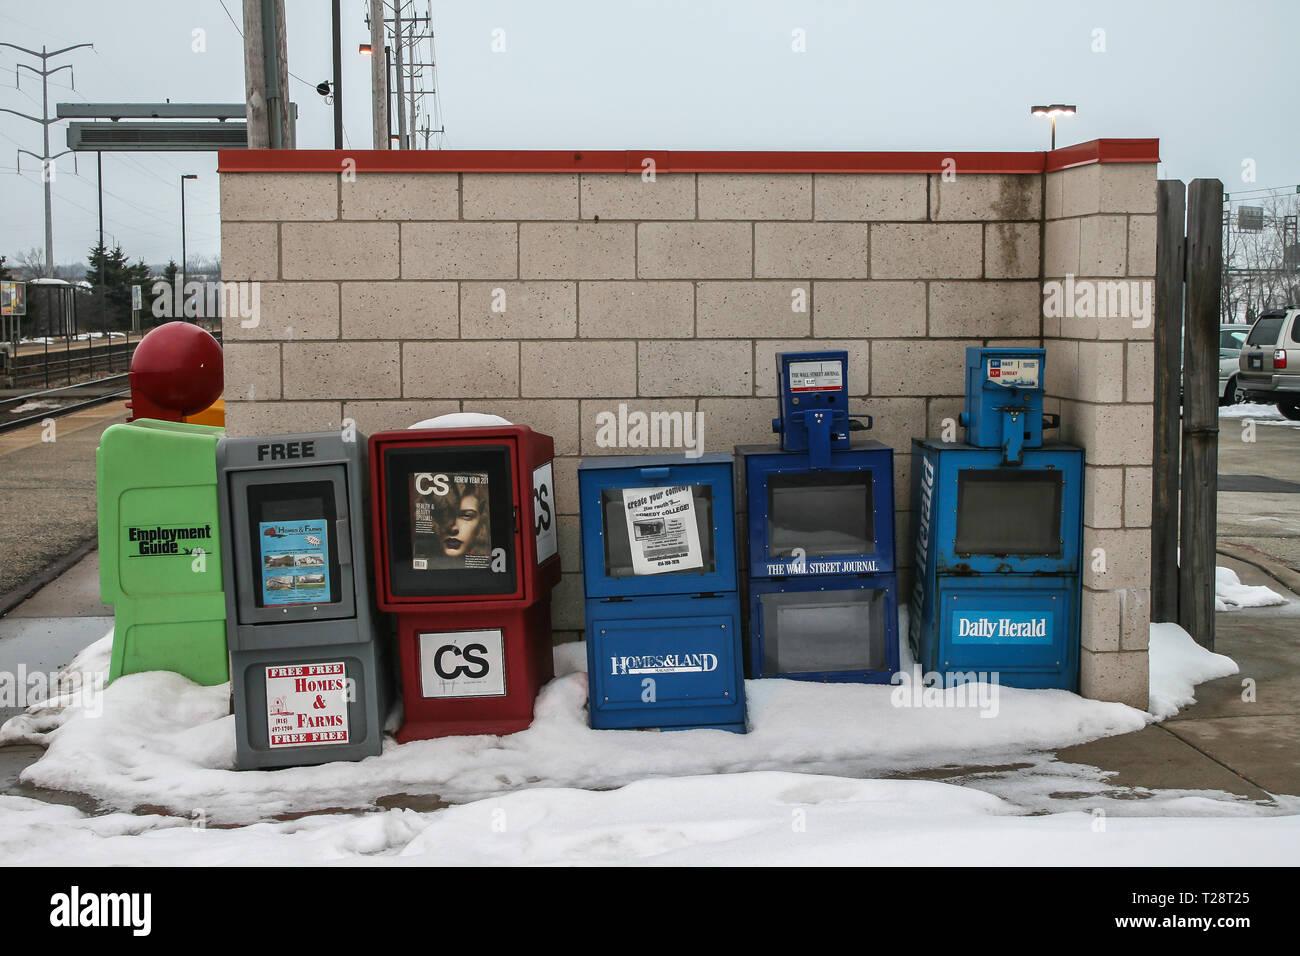 Boxen mit Zeitungen in einer Straße in Chicago im Winter Stockbild